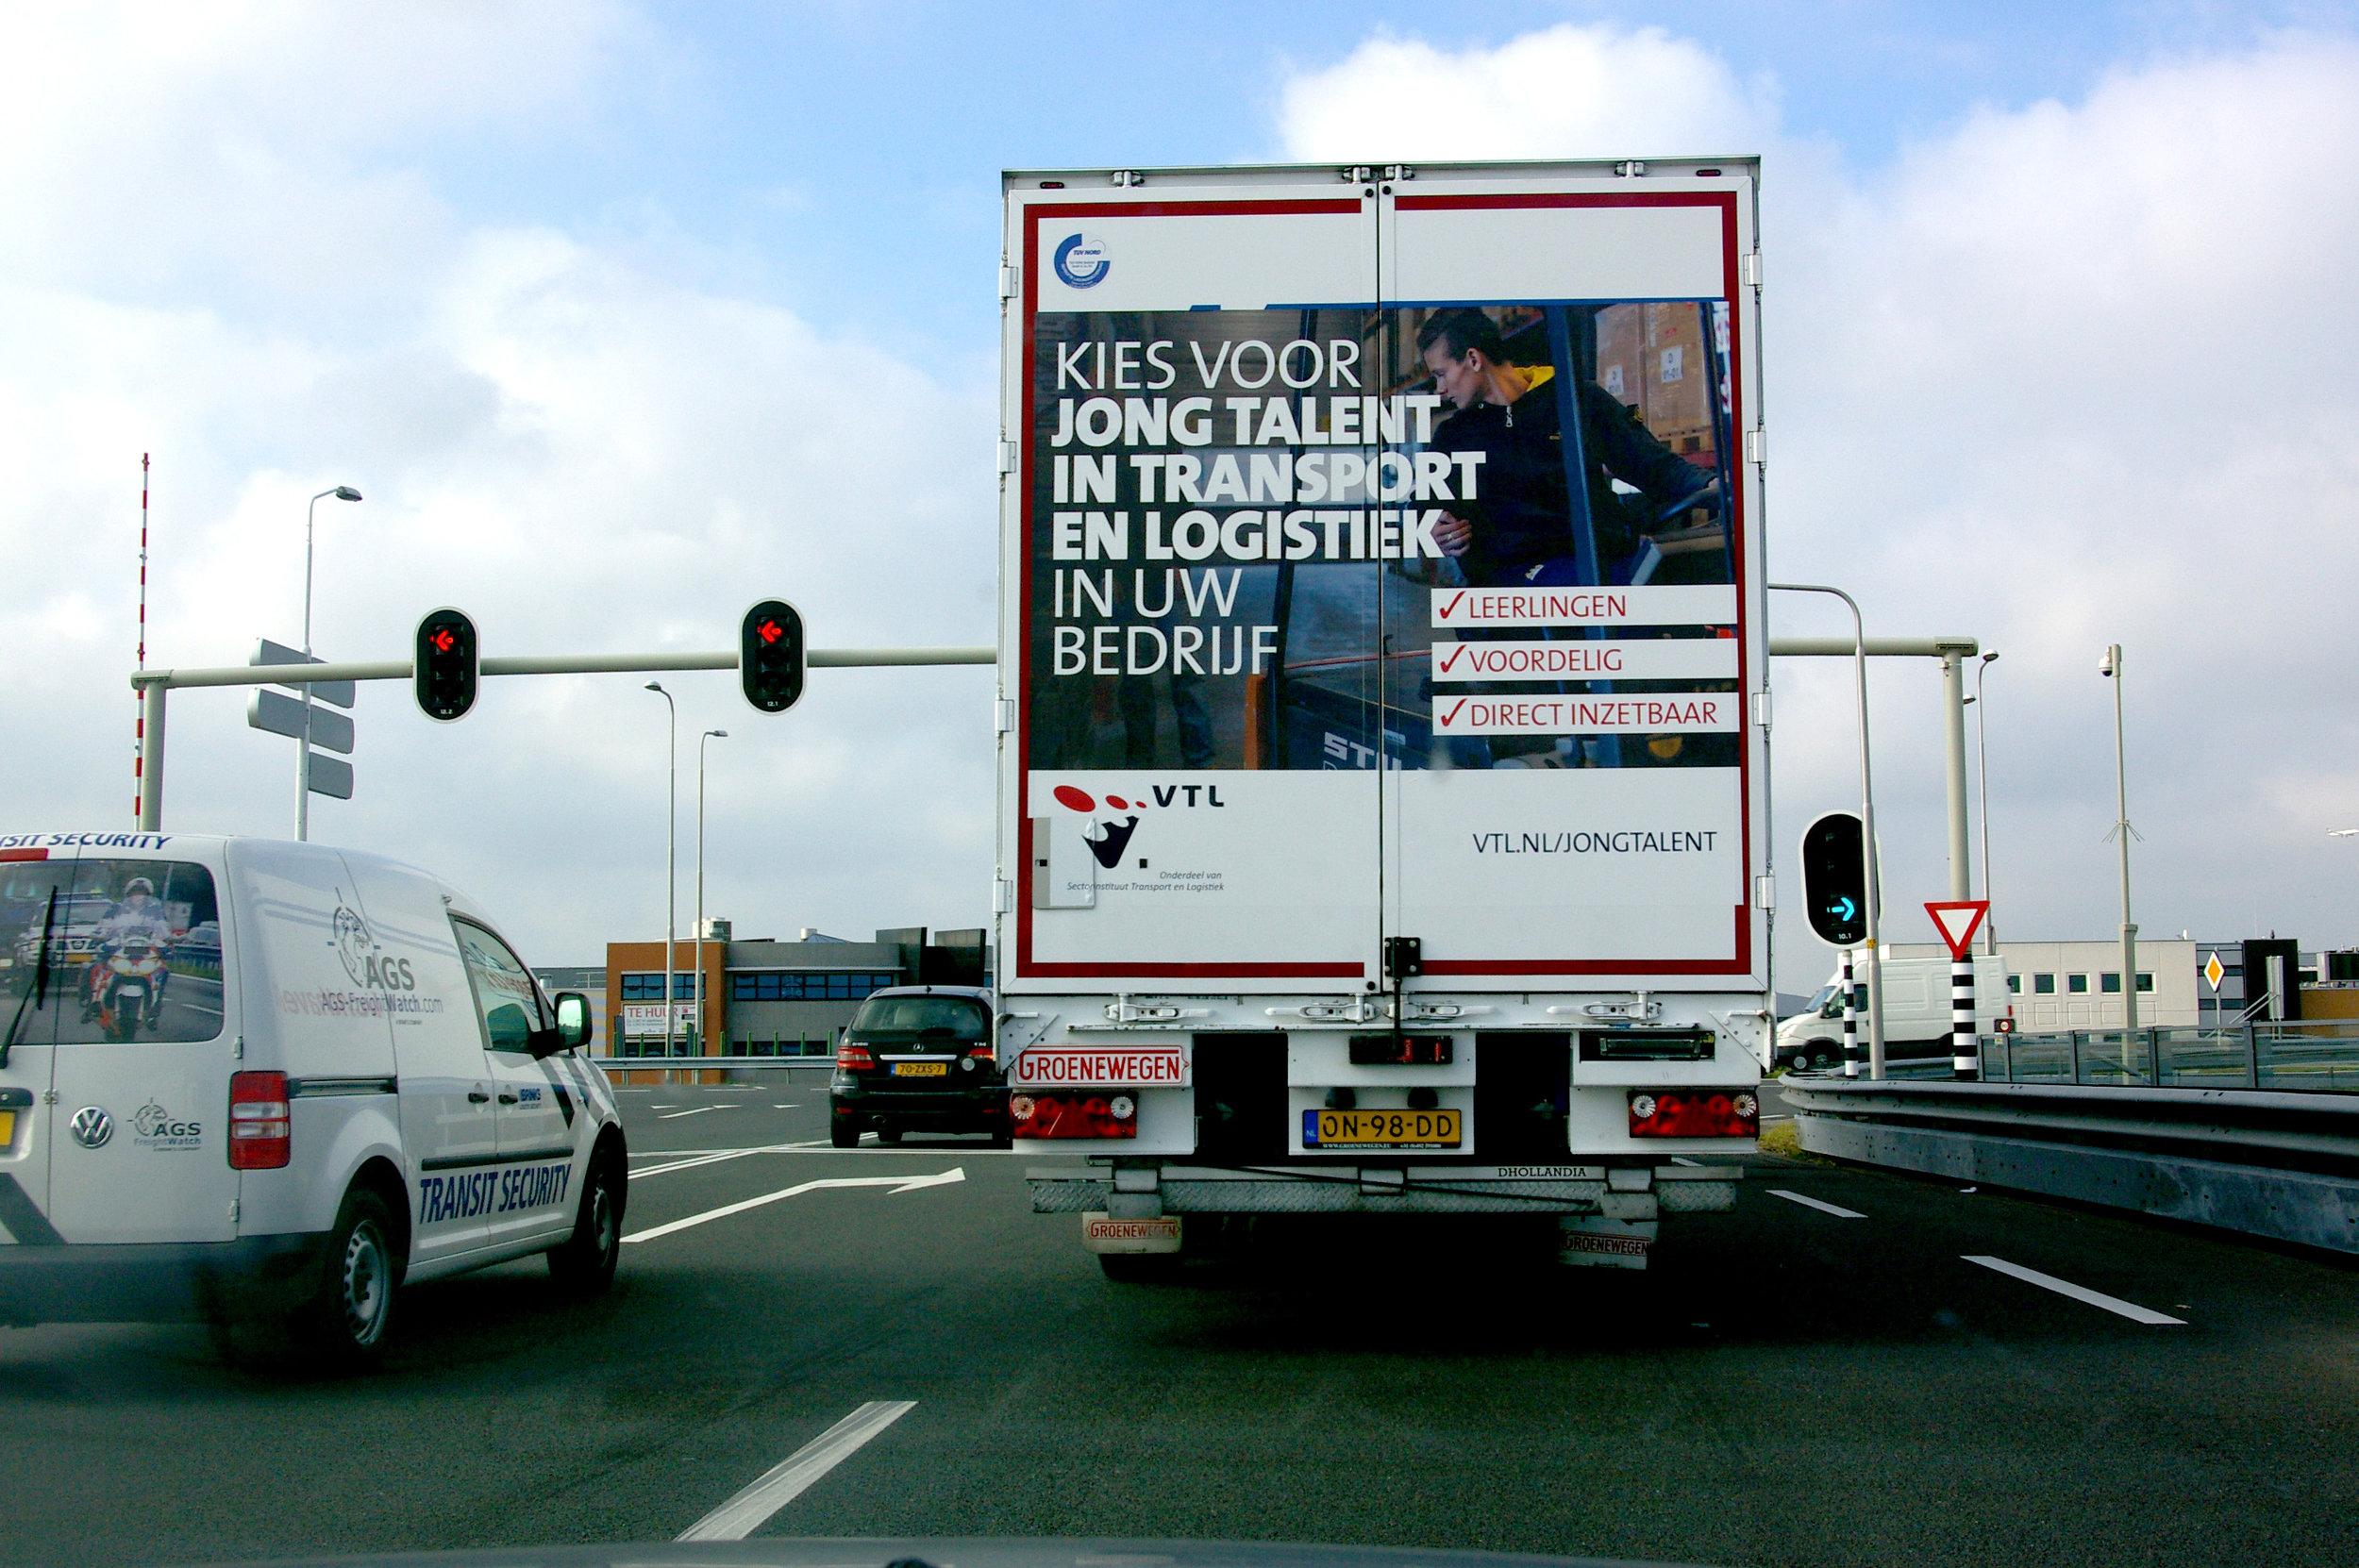 Transport enn Logistiek vrachtwagenreclame.jpg